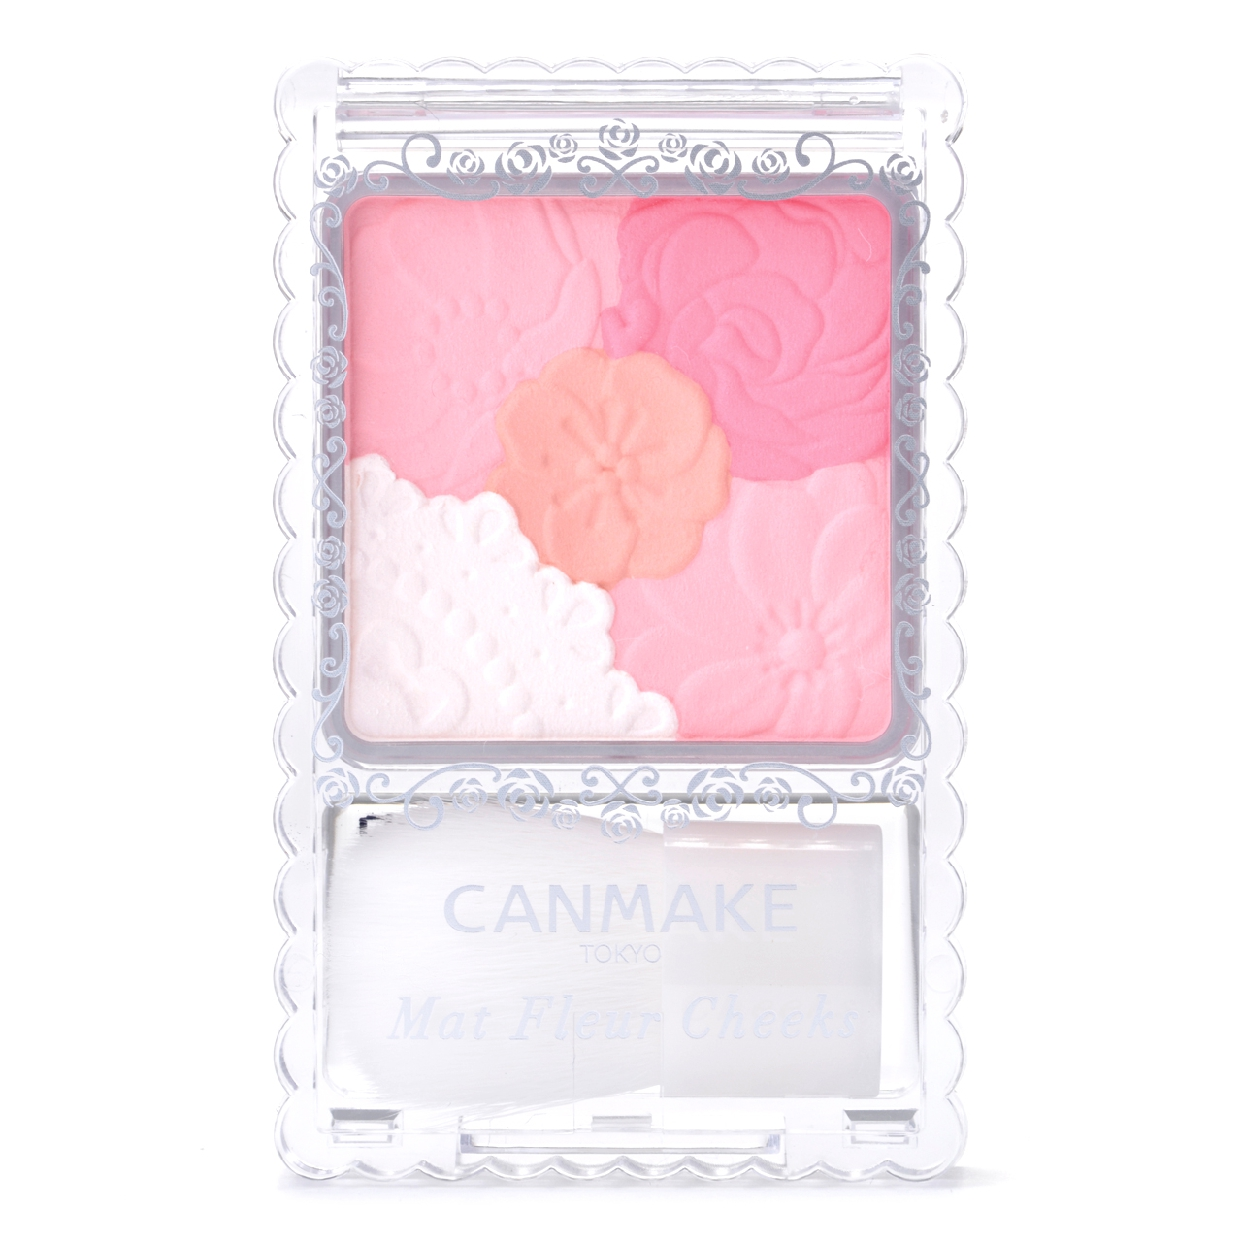 CANMAKE(キャンメイク)マットフルールチークスの商品画像